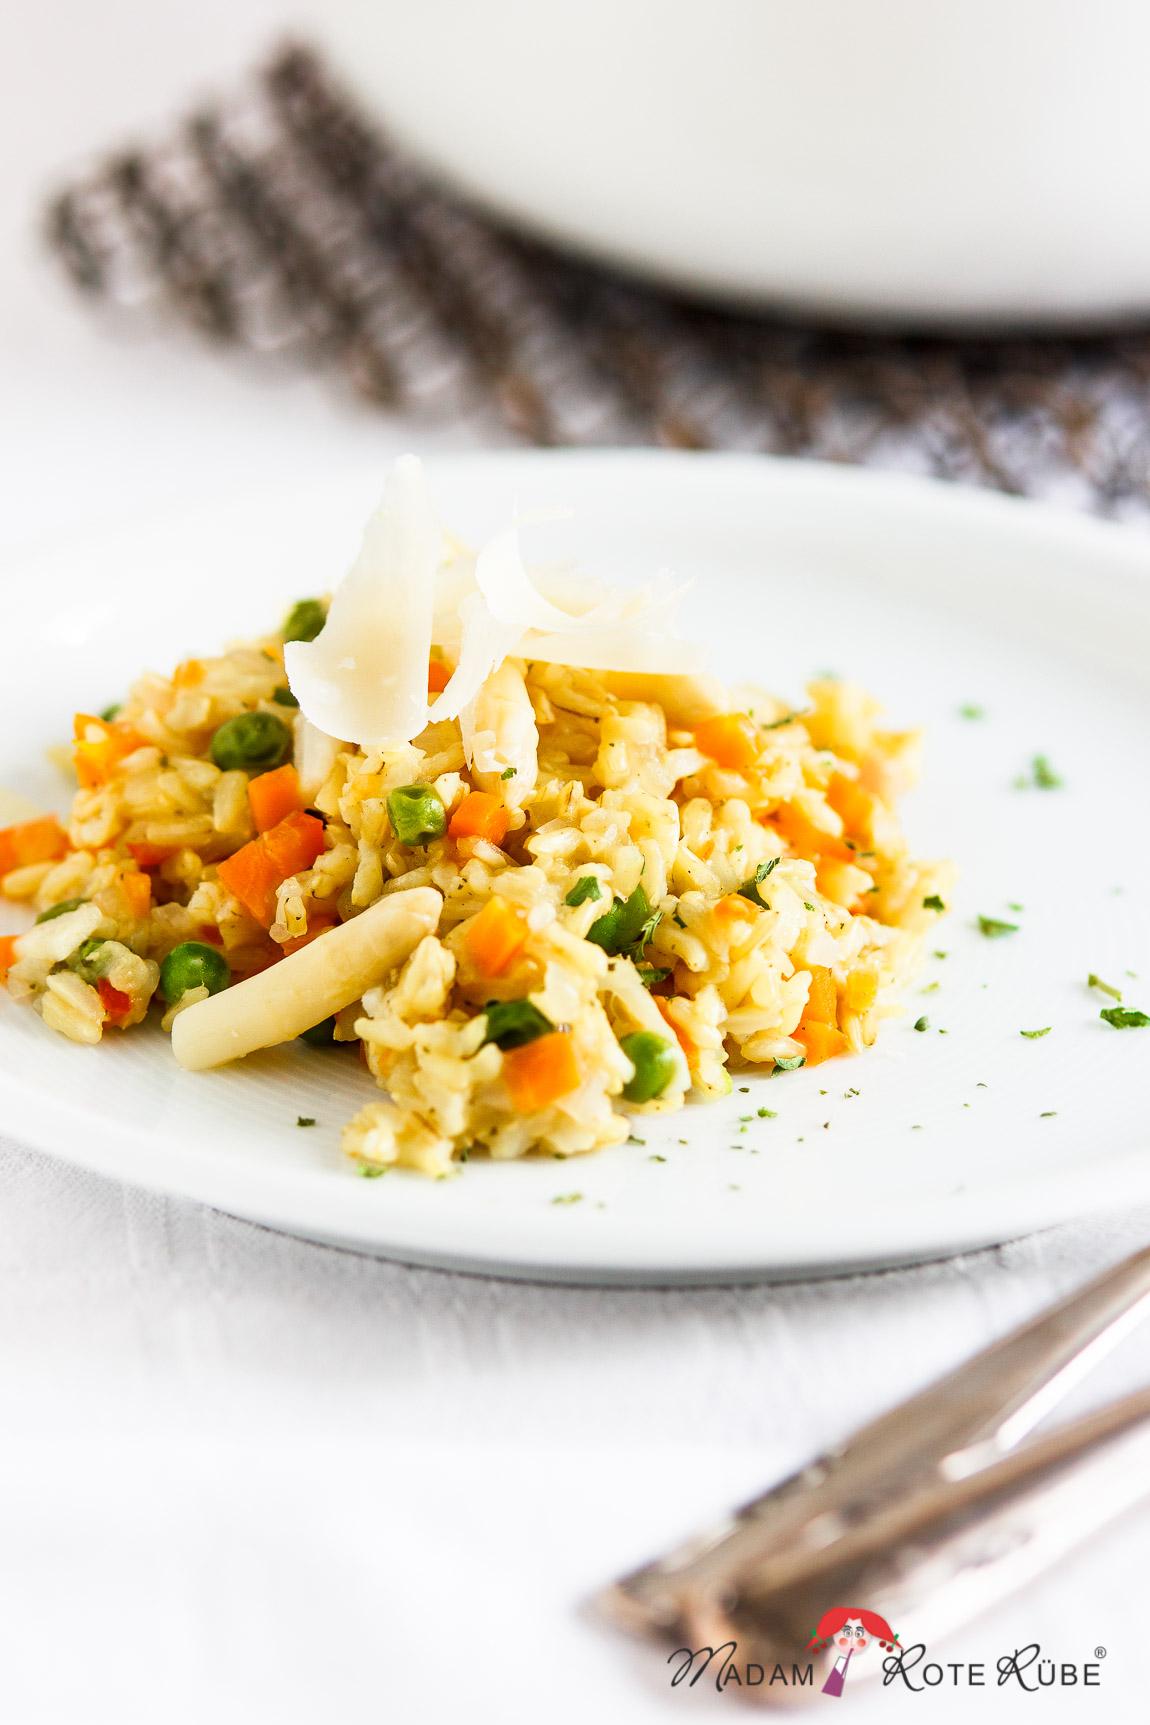 Madam Rote Rübe - One-Pot-Gericht: Gemüsereis mit Spargel und Parmesanhobel